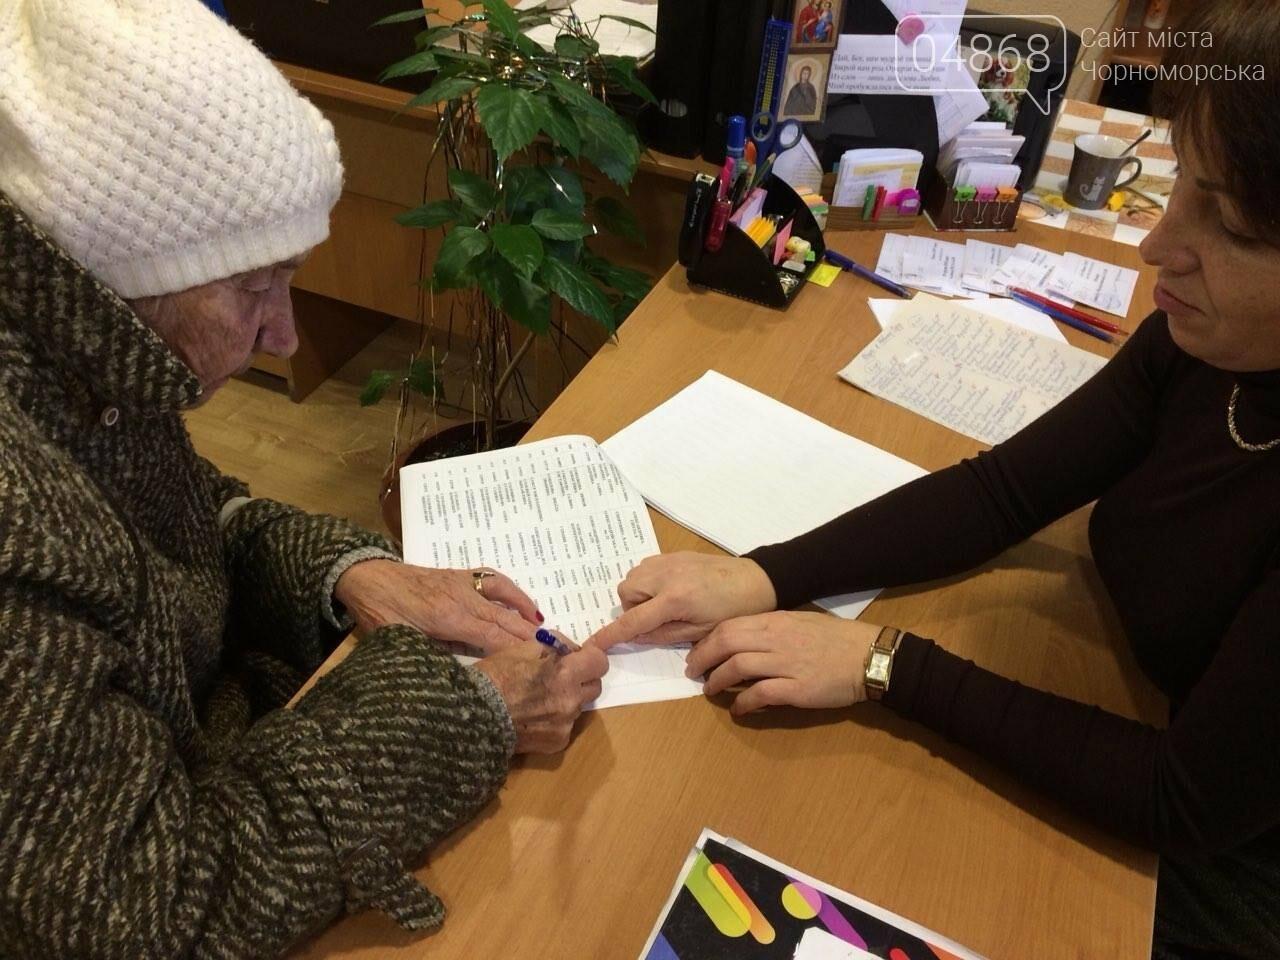 Дарить радость в канун Нового года – добрая традиция Территориального центра социального обслуживания Черноморска, фото-2